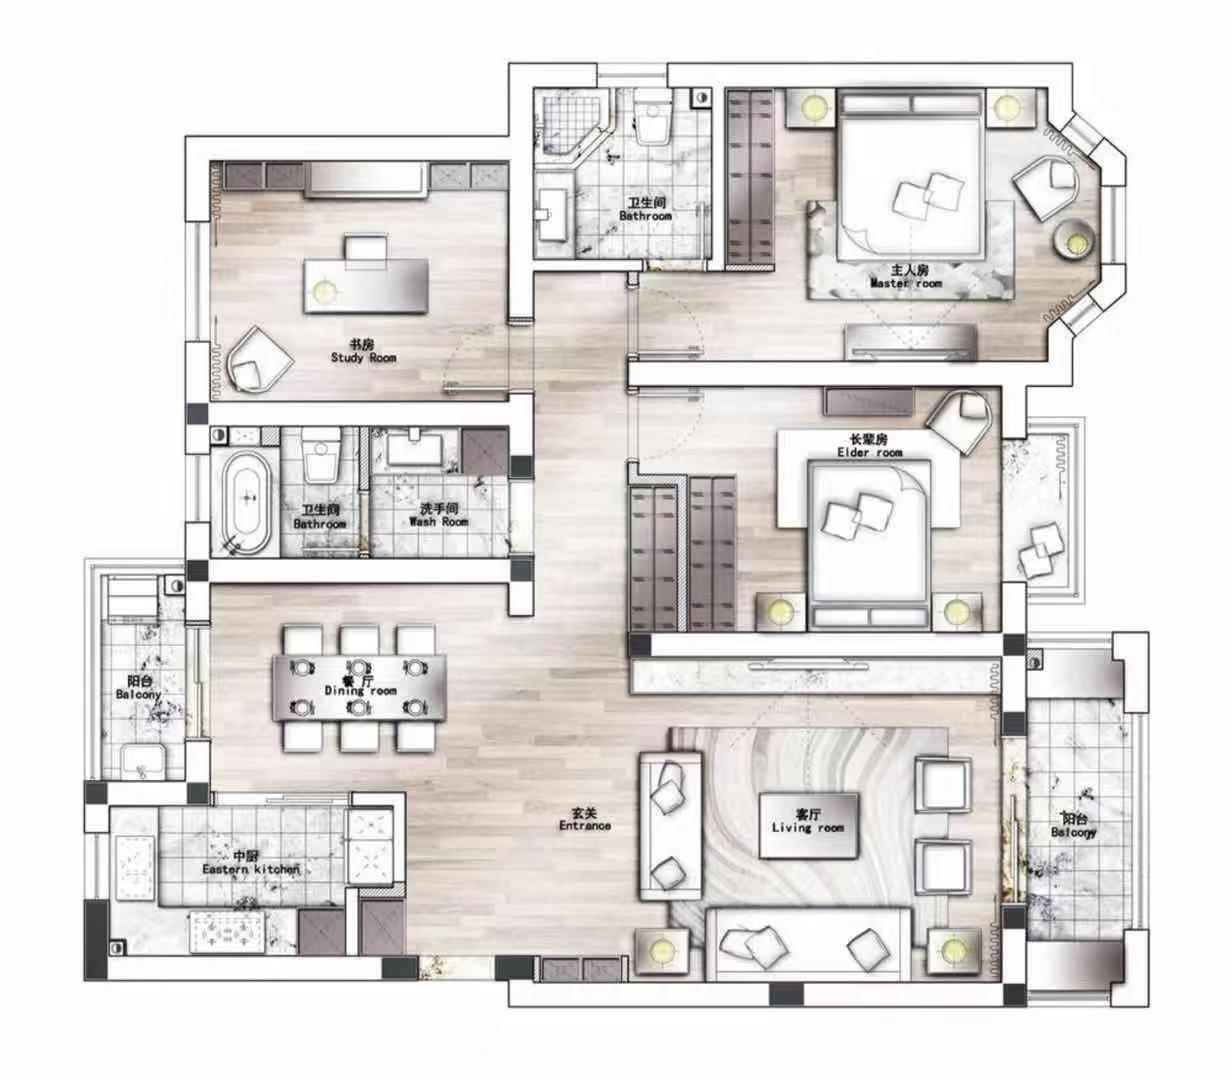 快乐家苑 | 128平米设计案例 简约风装修效果图装修设计理念